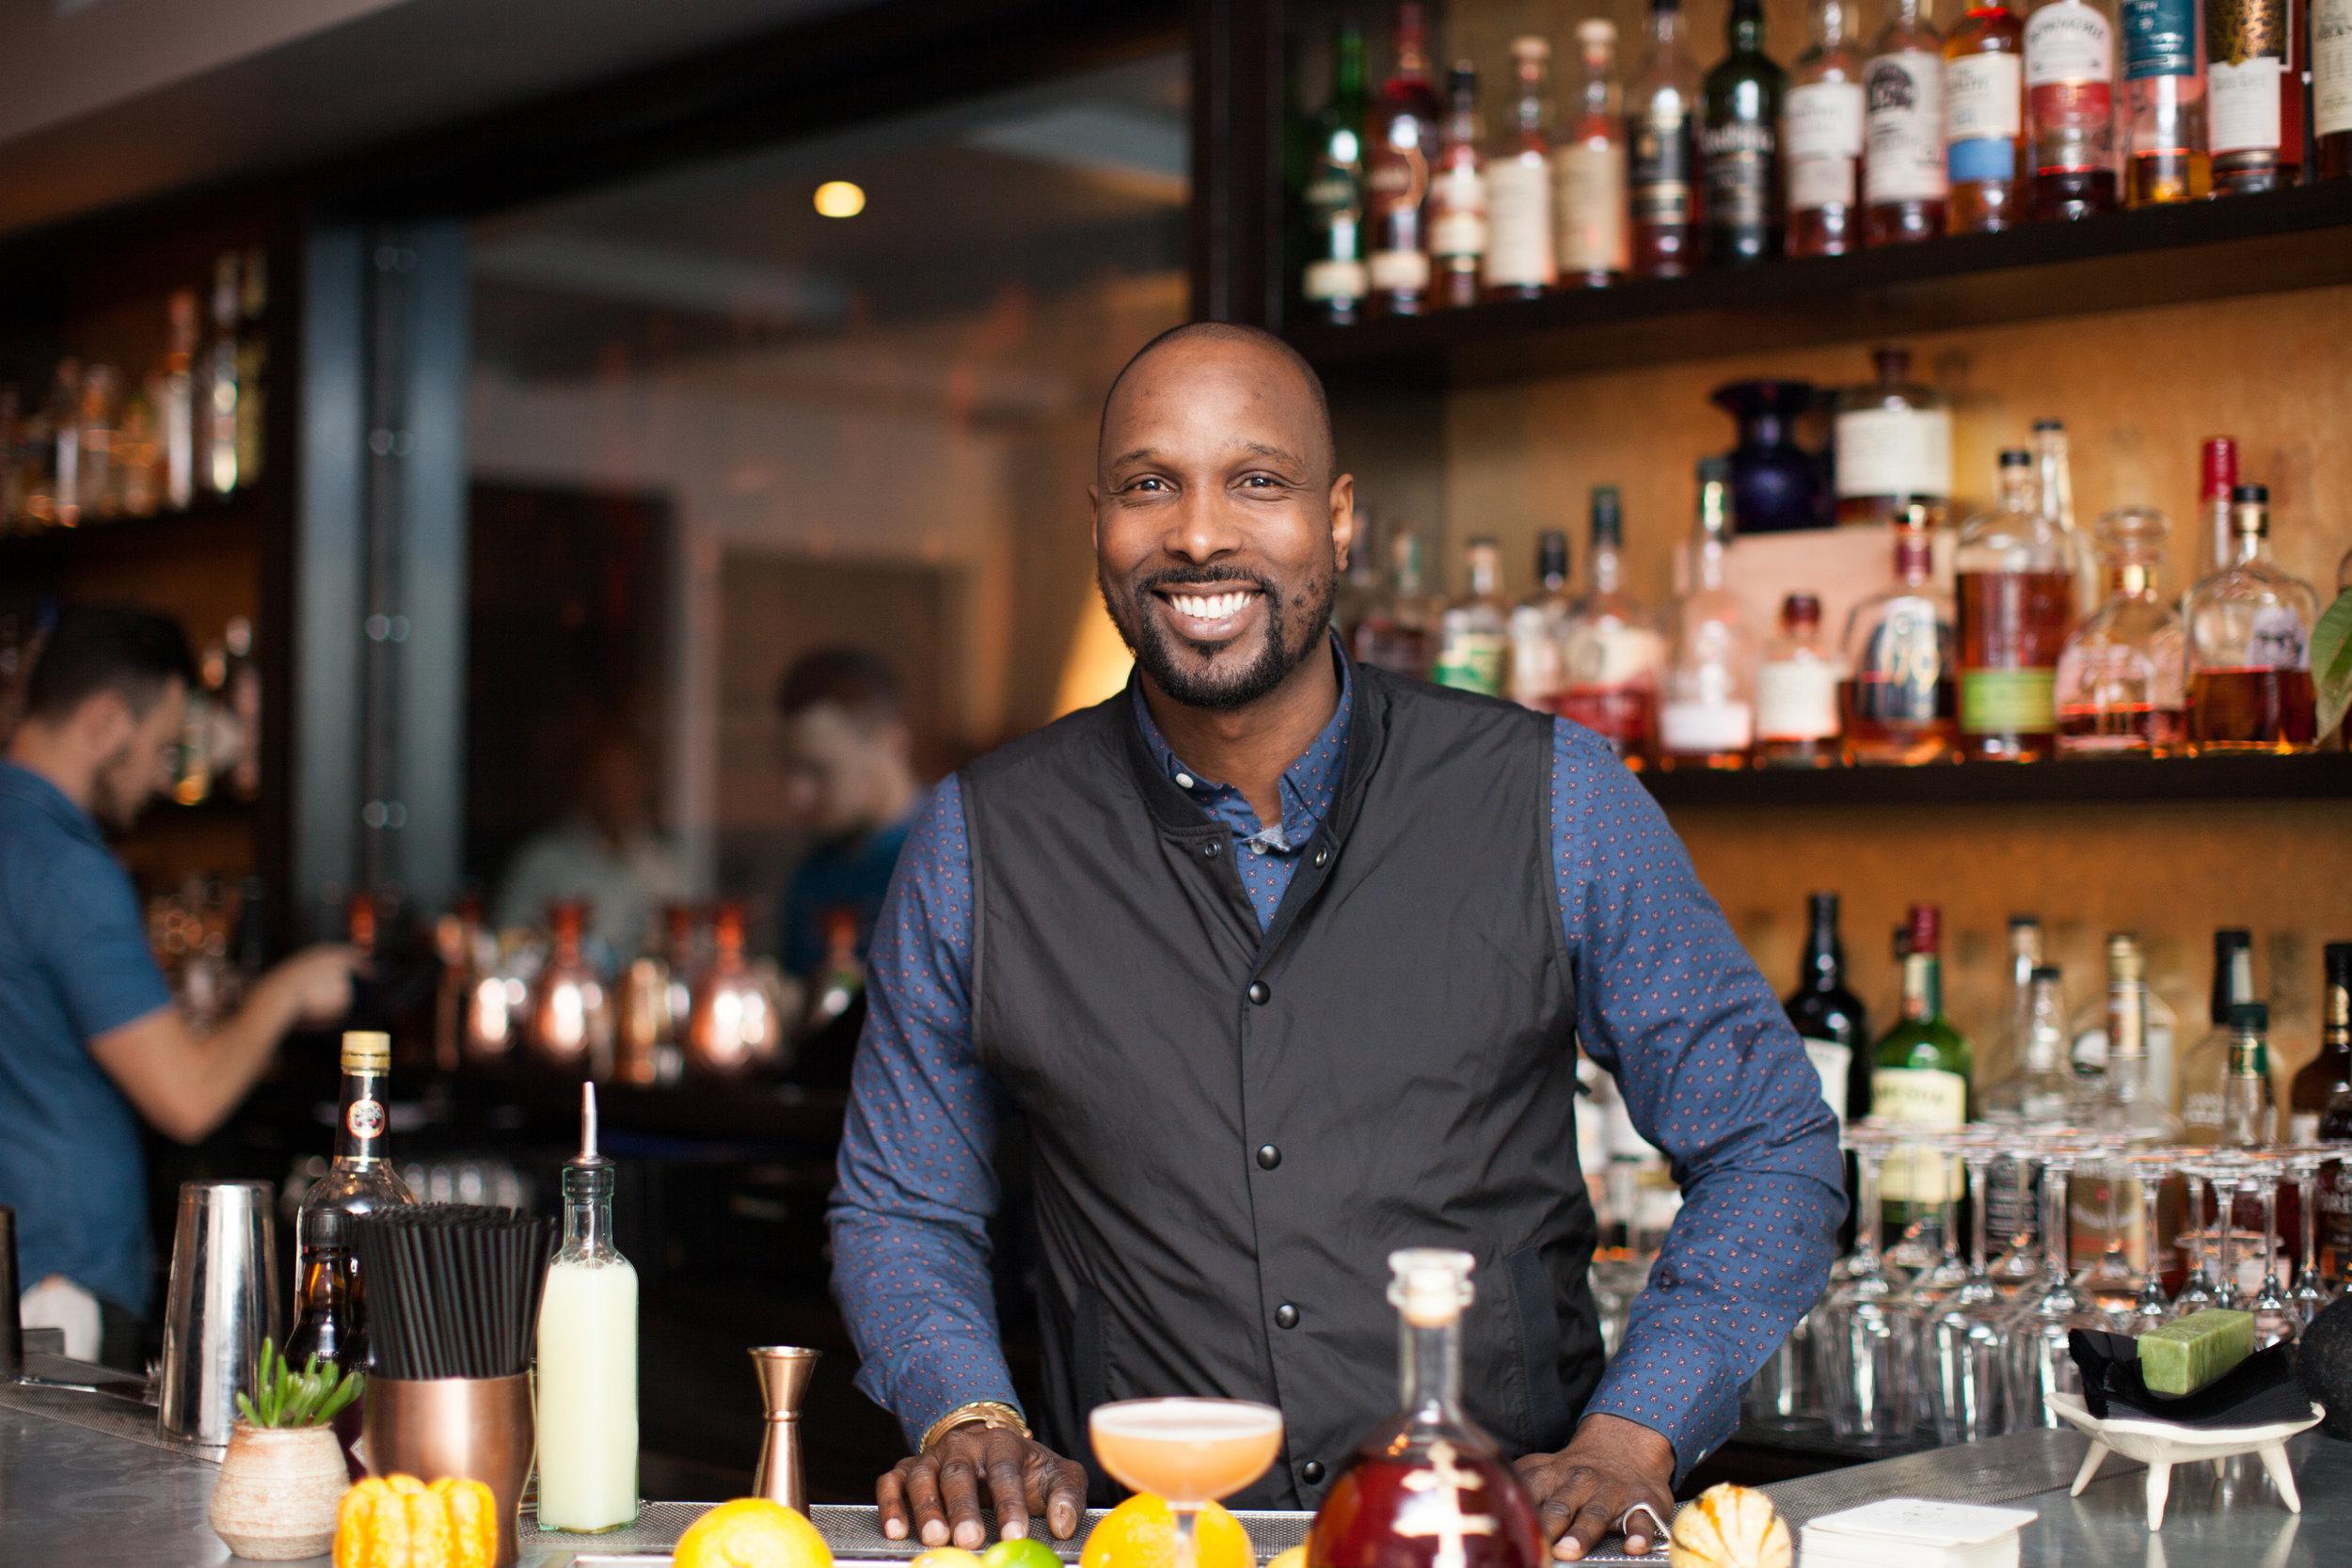 Cyllan Hicks, Bartender at Midnights